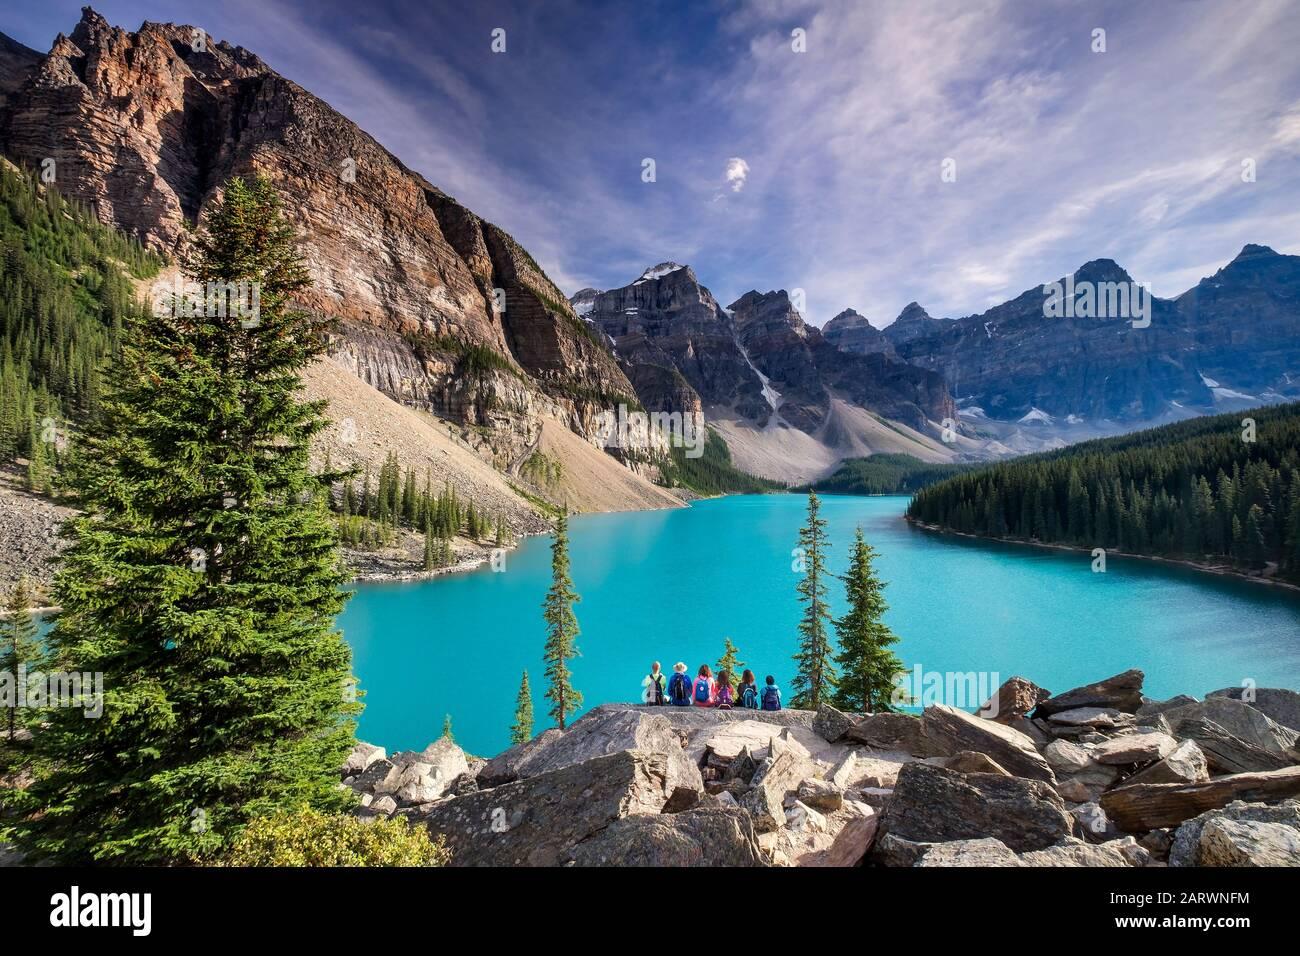 Bewundern Sie die Aussicht vom Rockpile, Moraine Lake, Valley of the Ten Peaks, Banff National Park, Canadian Rockies, Alberta, Kanada Stockfoto